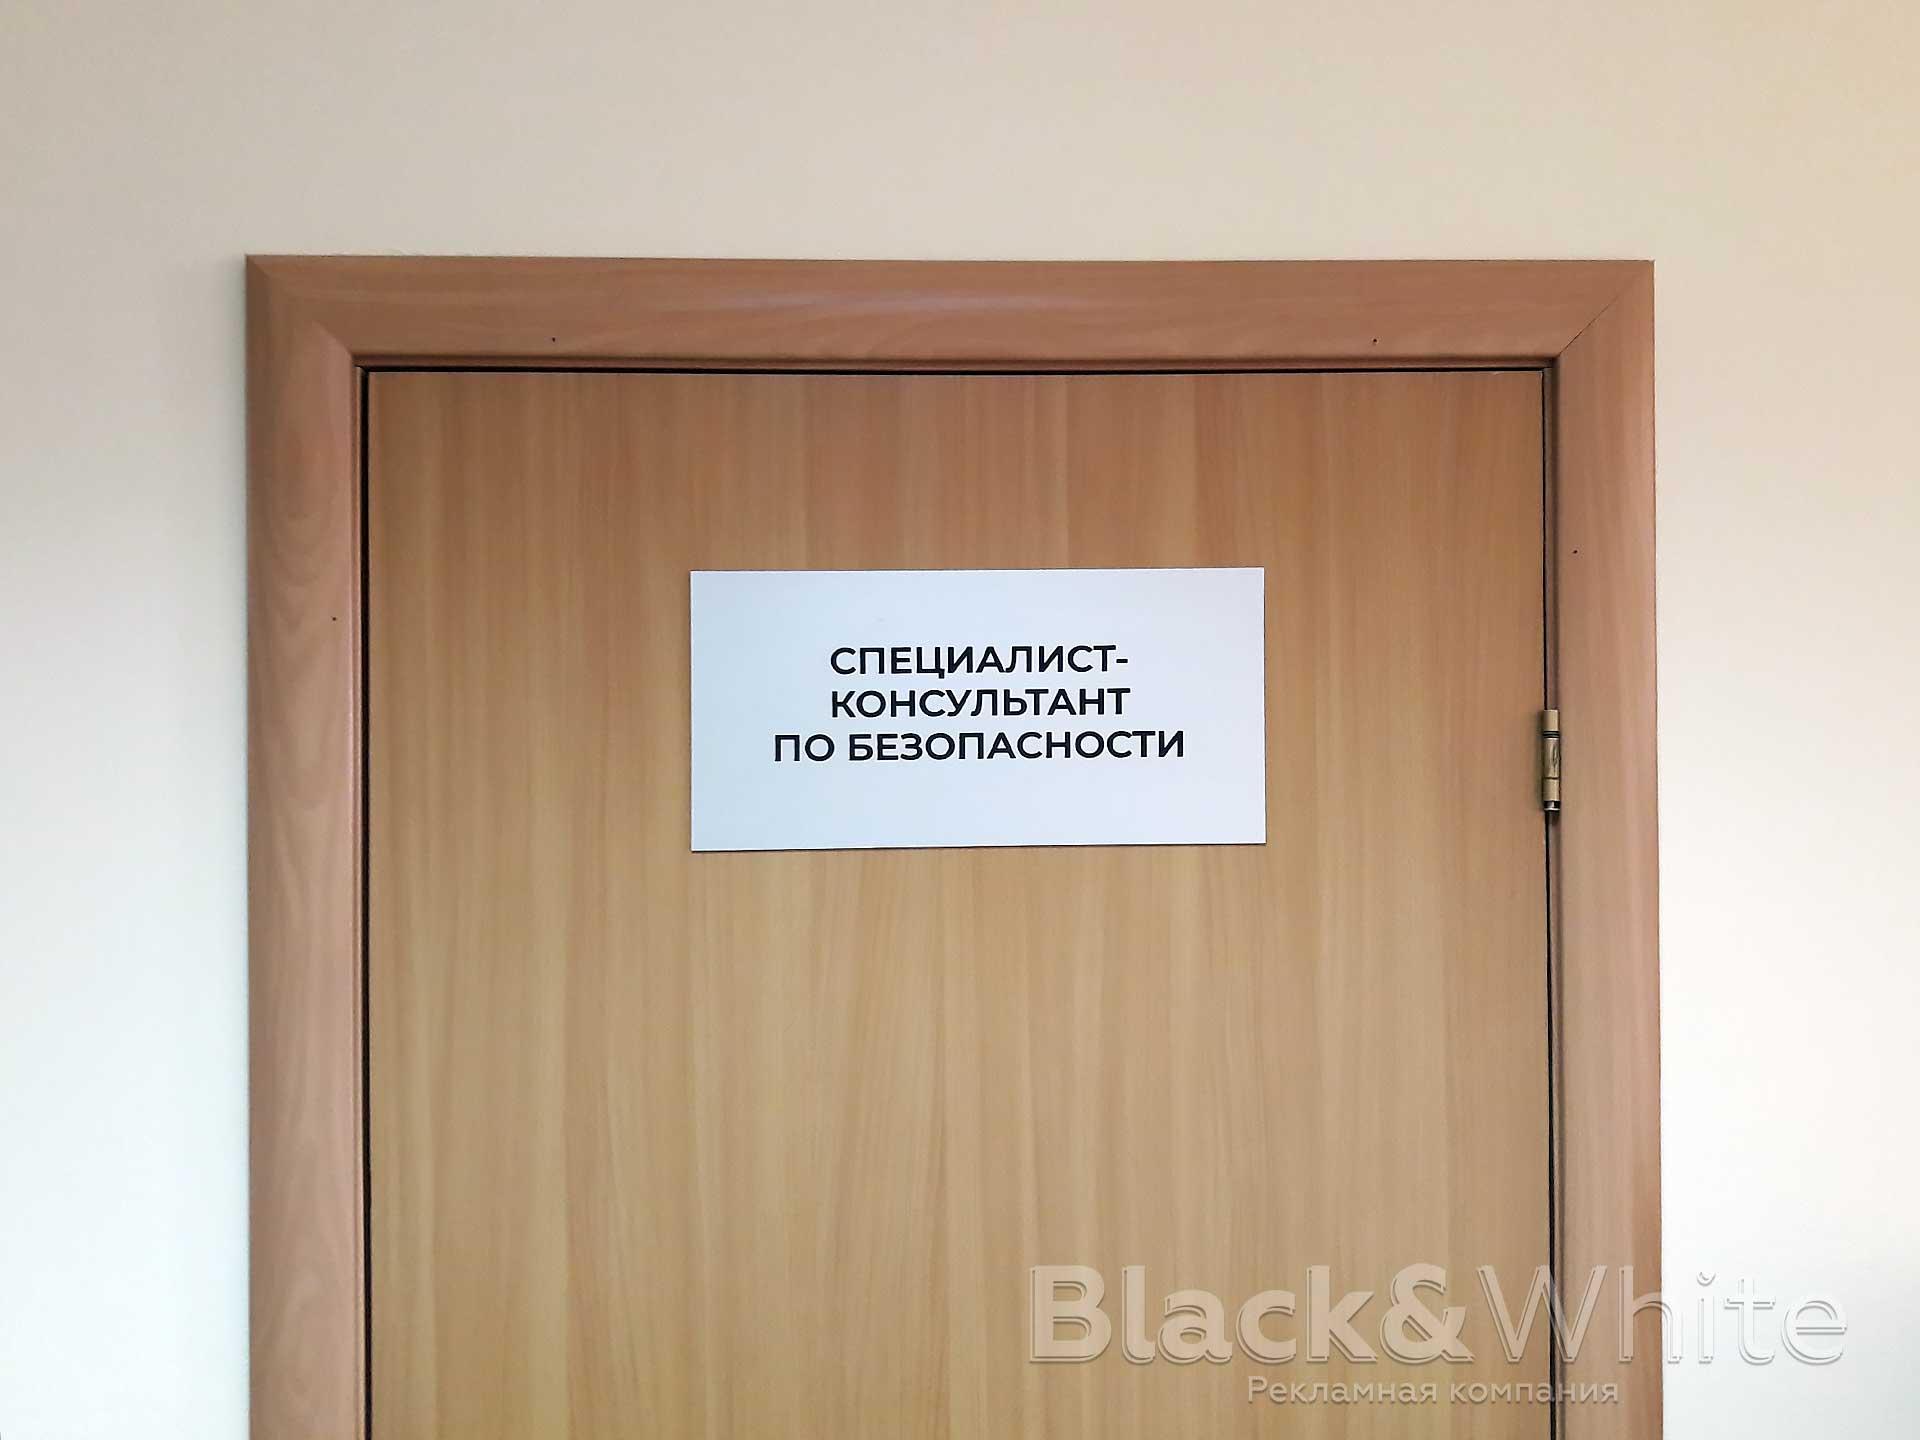 Изготовление-вывески-на-дверь-табличка-на-дверь.jpg